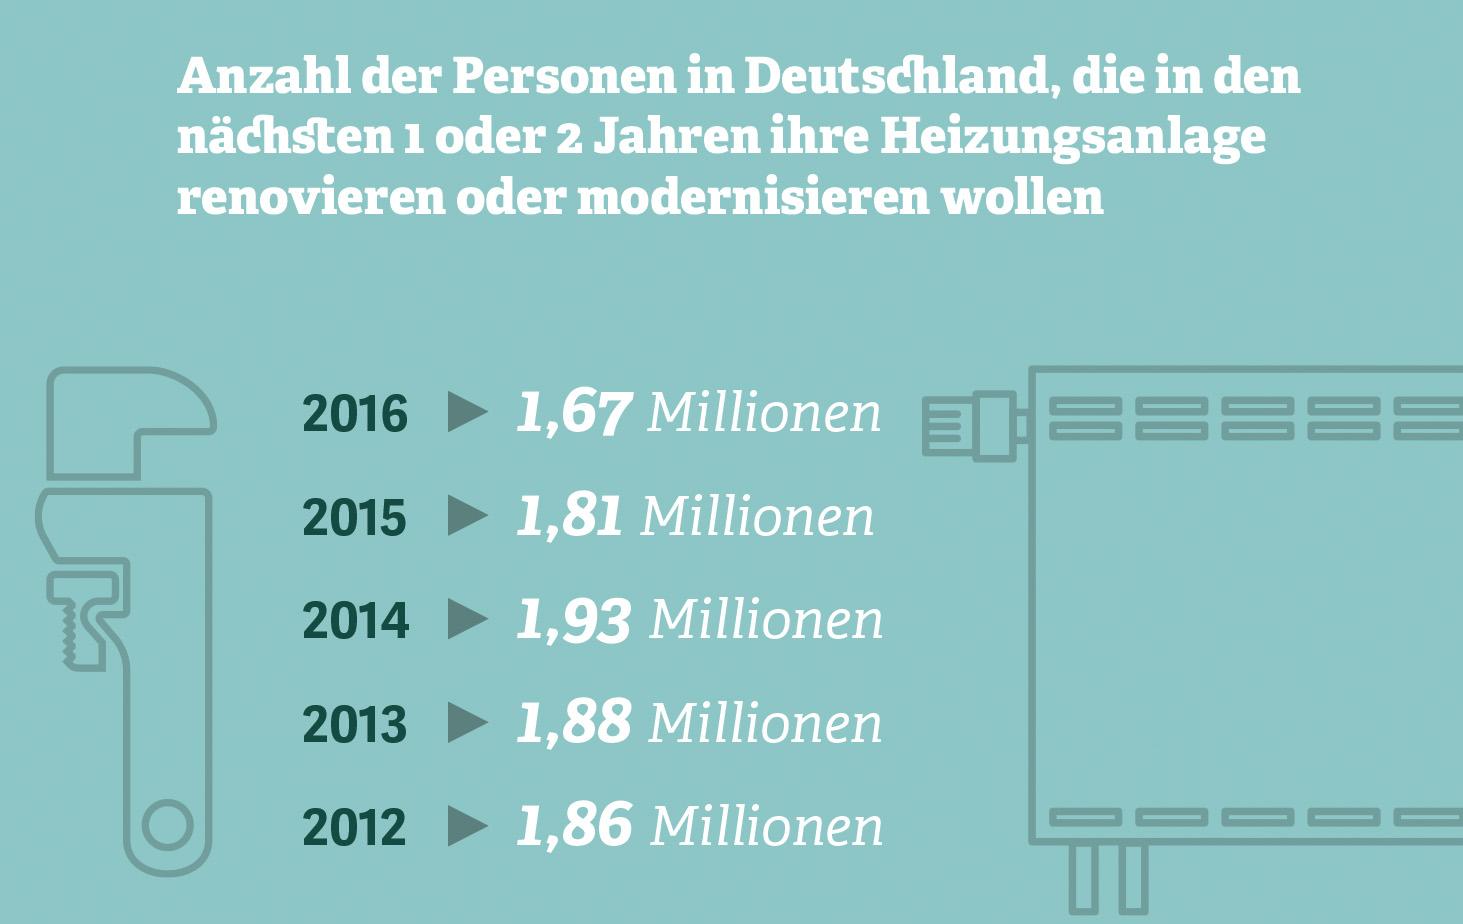 Grafik: Anzahl der Personen in Deutschland, die ihre Heizungsanlage renovieren oder modernisieren wollen. Quelle: IfD Allensbach, 2016